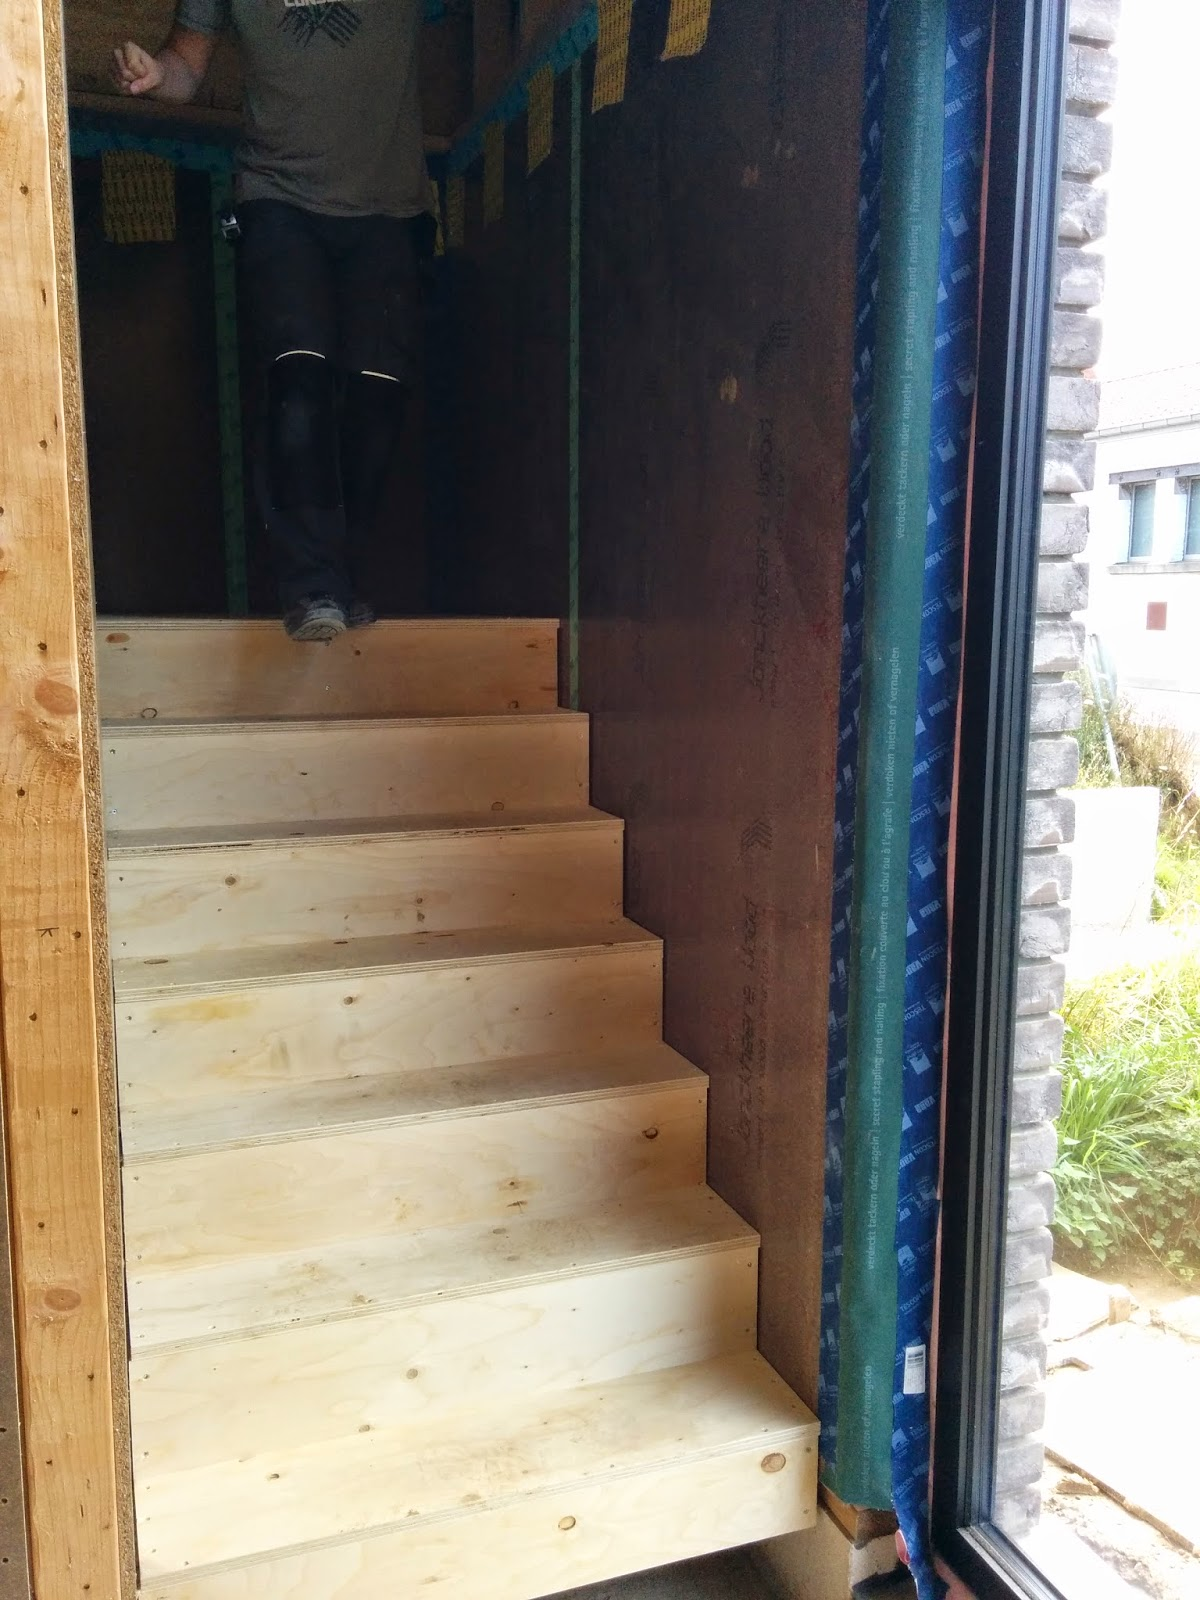 Verwarming badkamer en trap bouwen in vertrijk for Trap bouwen